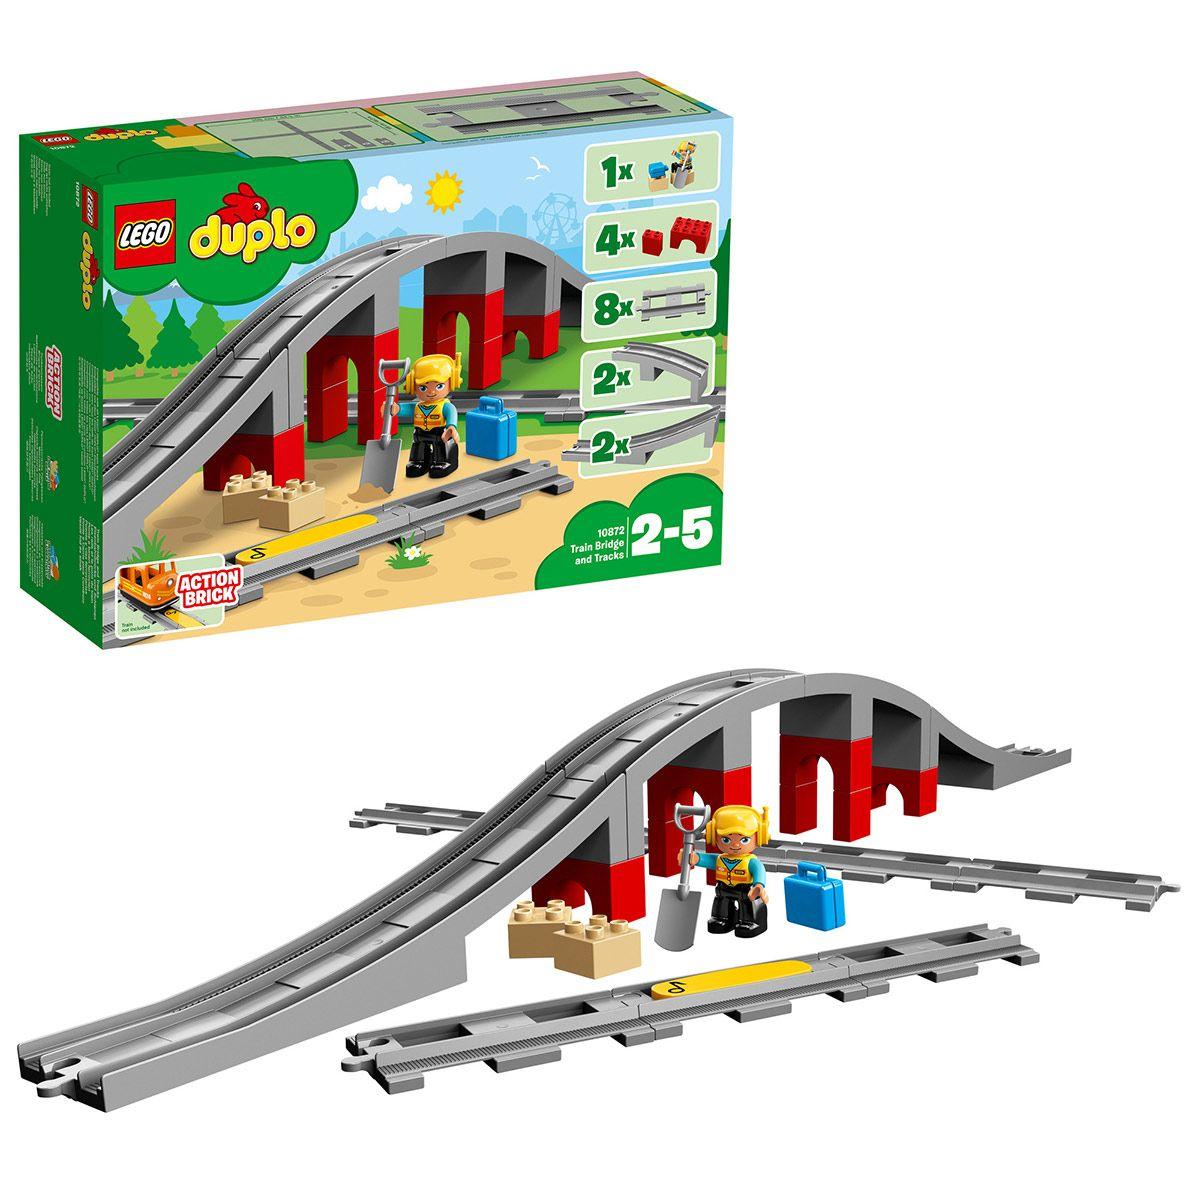 Rails Ville Et Train Du Duplo Pont Lego Les Univers Le 10872 QorECBexdW